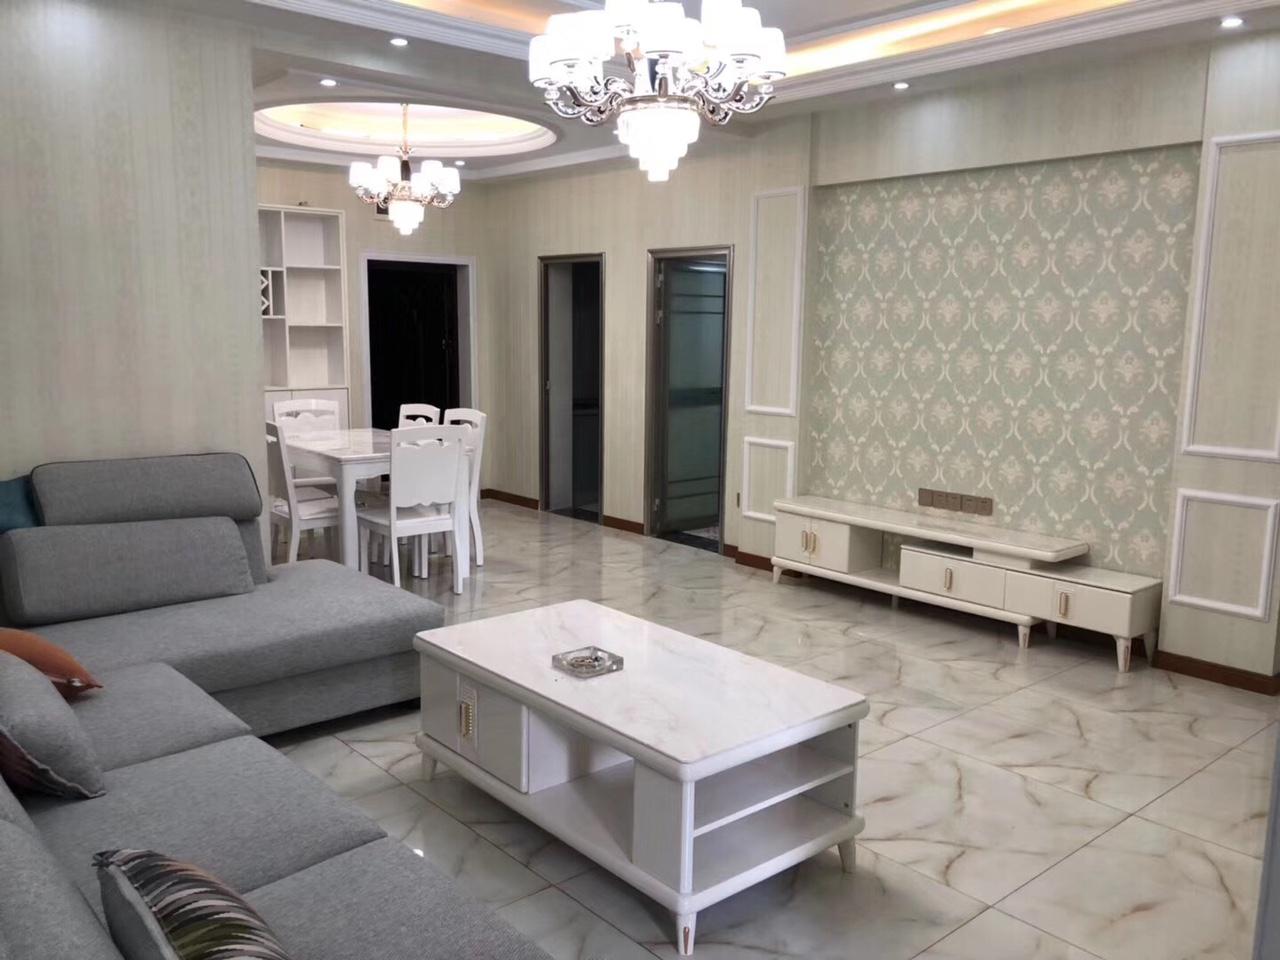 廊桥水岸3室 2厅 2卫56.8万元